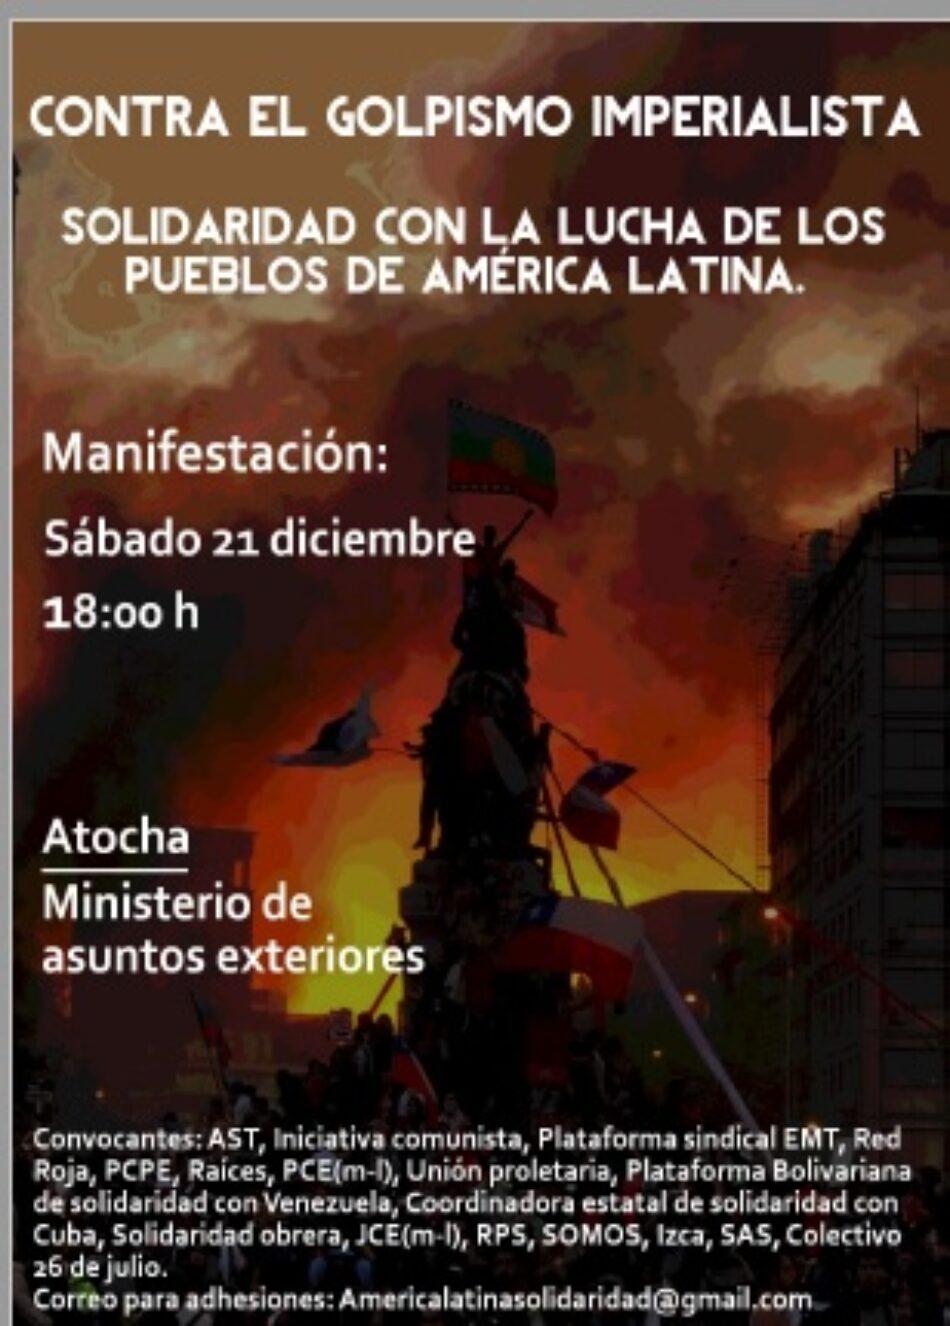 Manifestación 21D. Contra el golpismo en América Latina  Solidaridad con la lucha de los pueblos